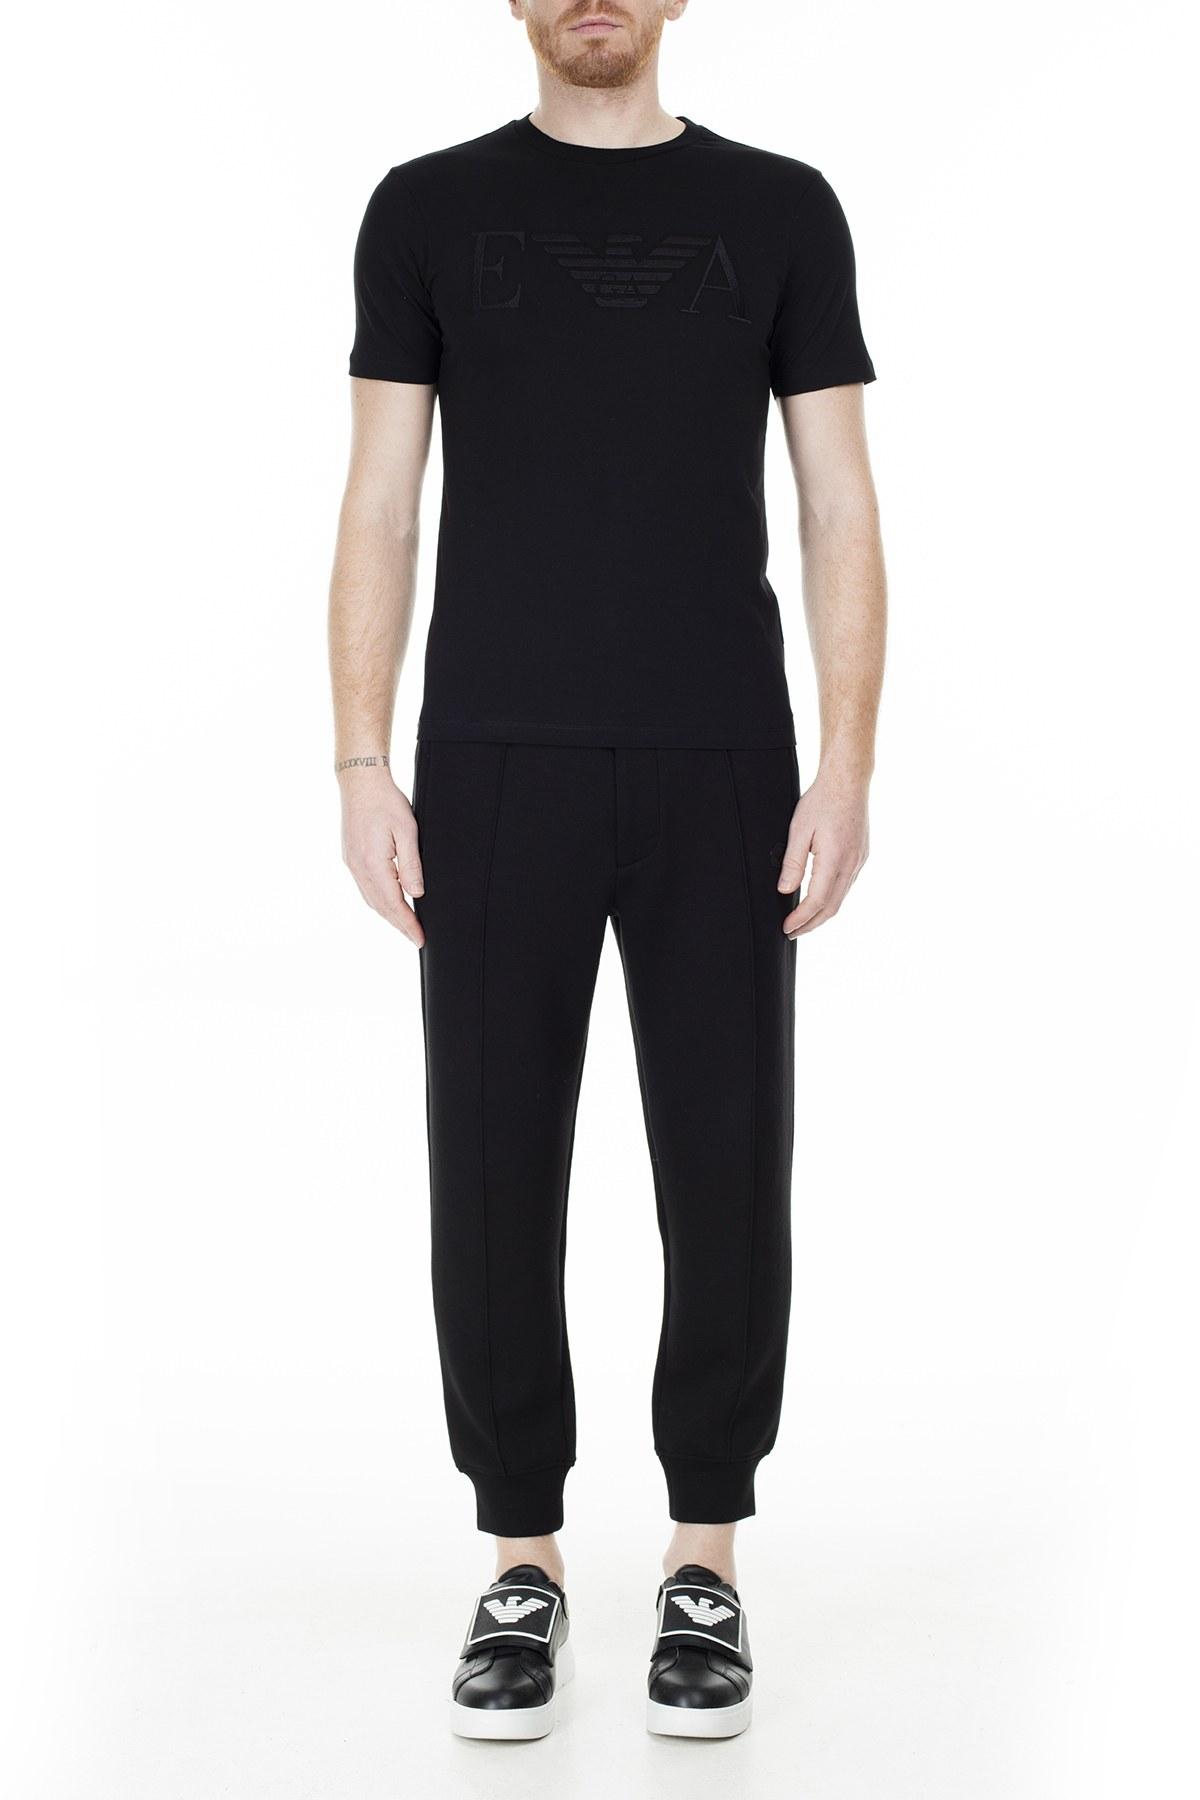 Emporio Armani Erkek T Shirt S 6G1TC2 1J00Z 0999 SİYAH